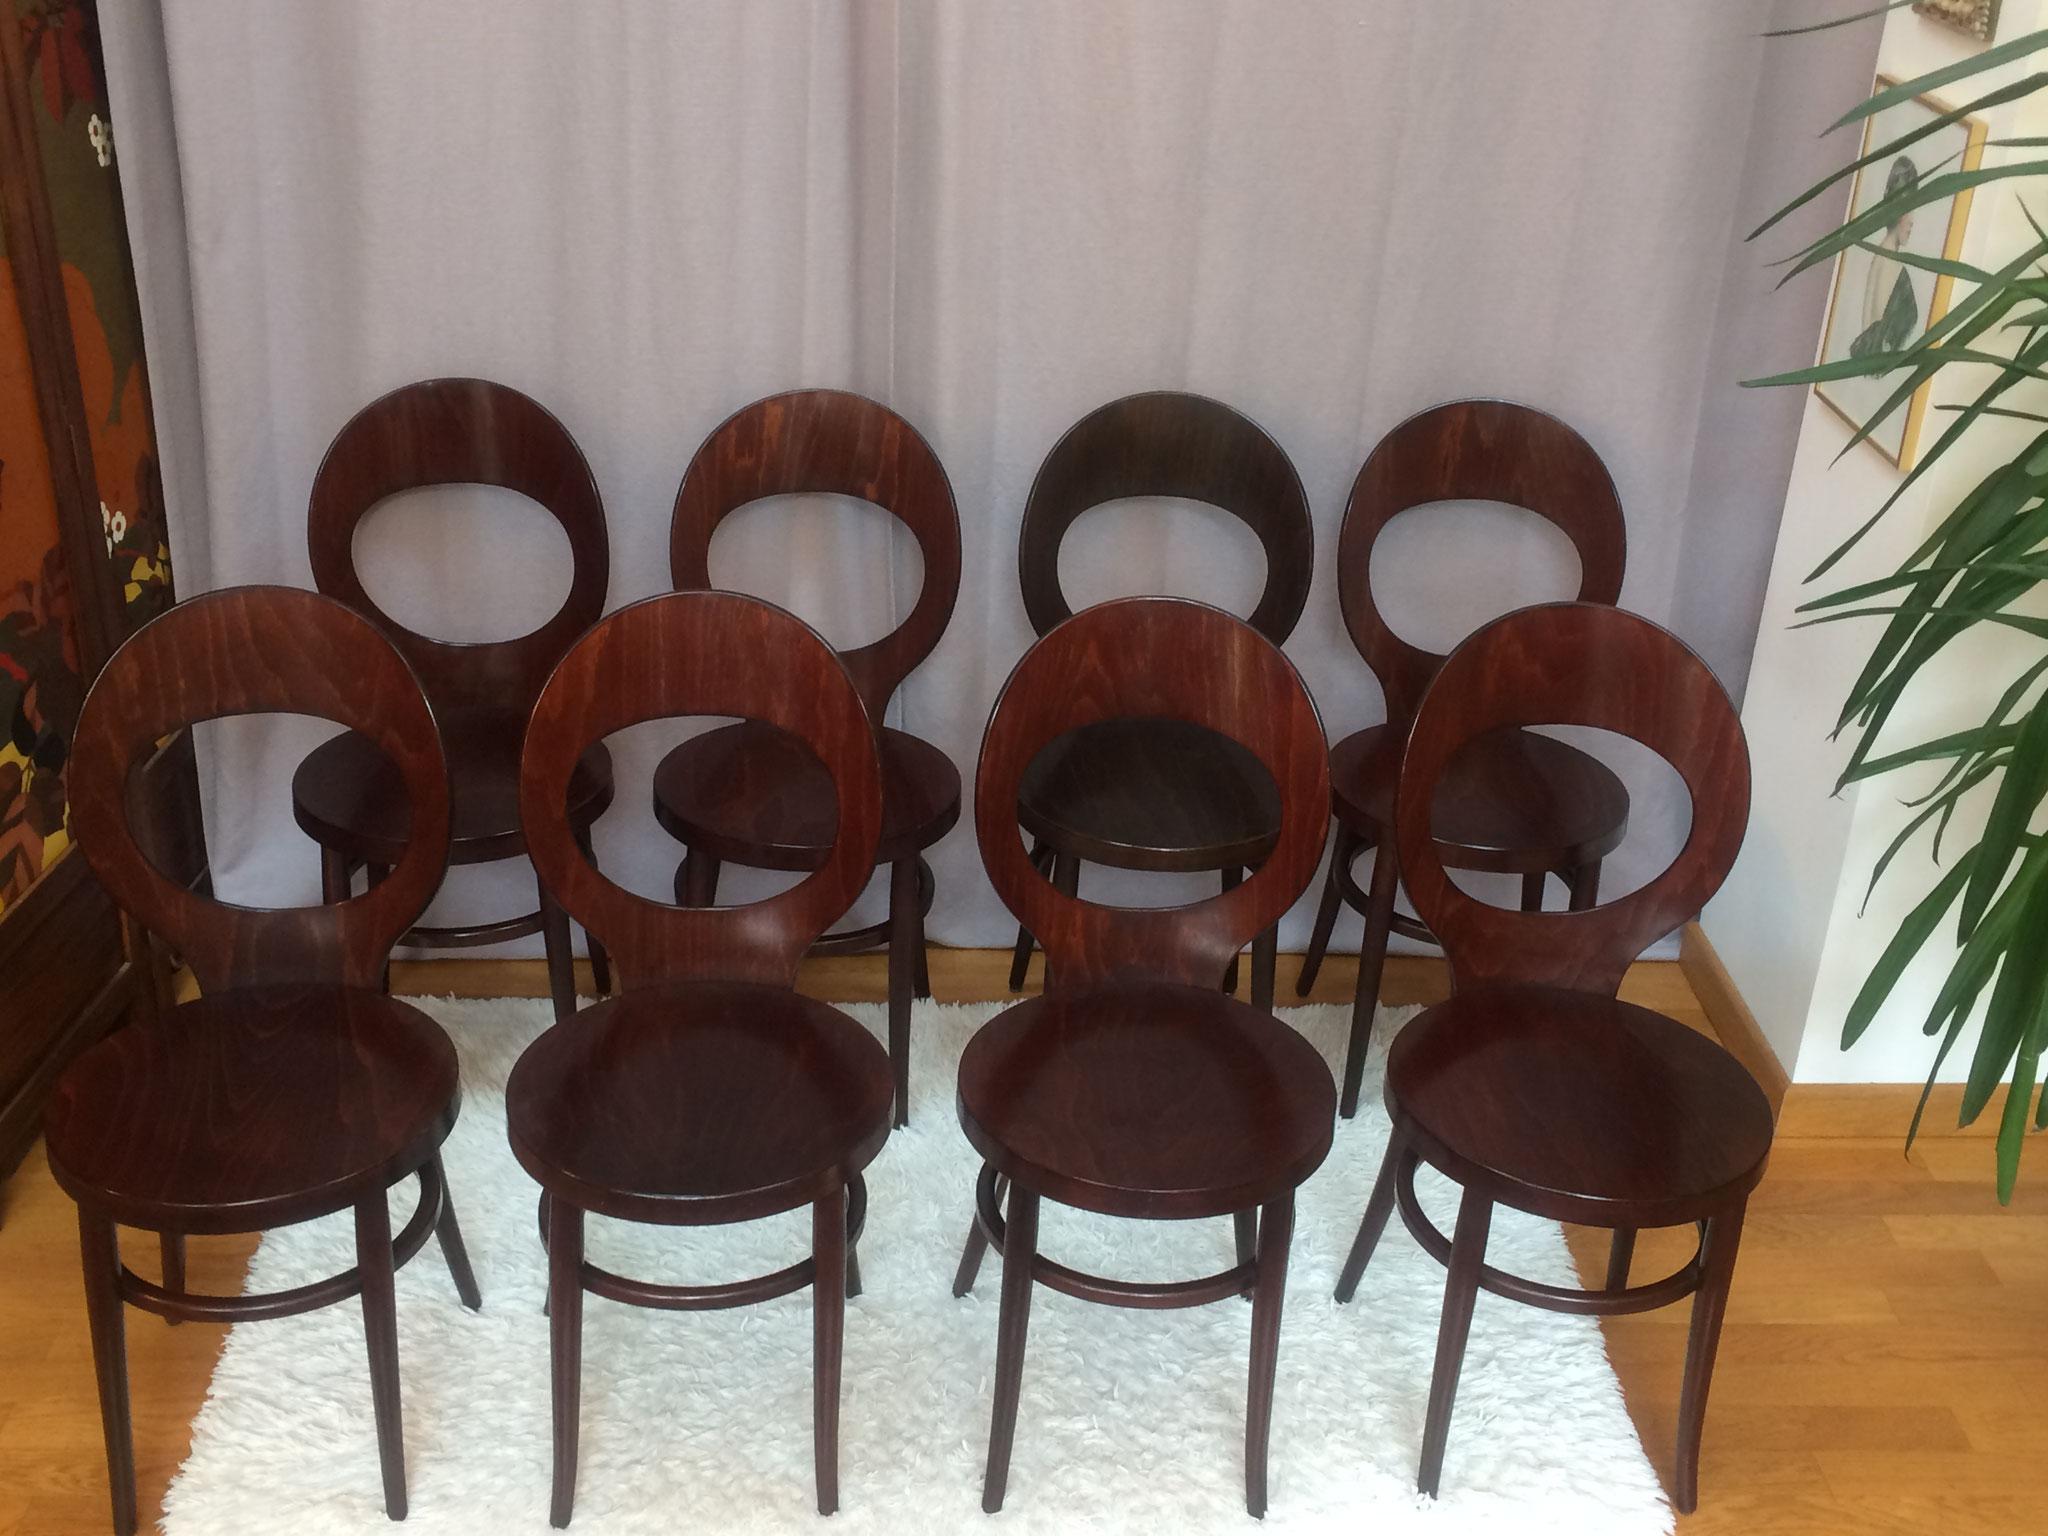 8 chaises baumann mouette annees 70